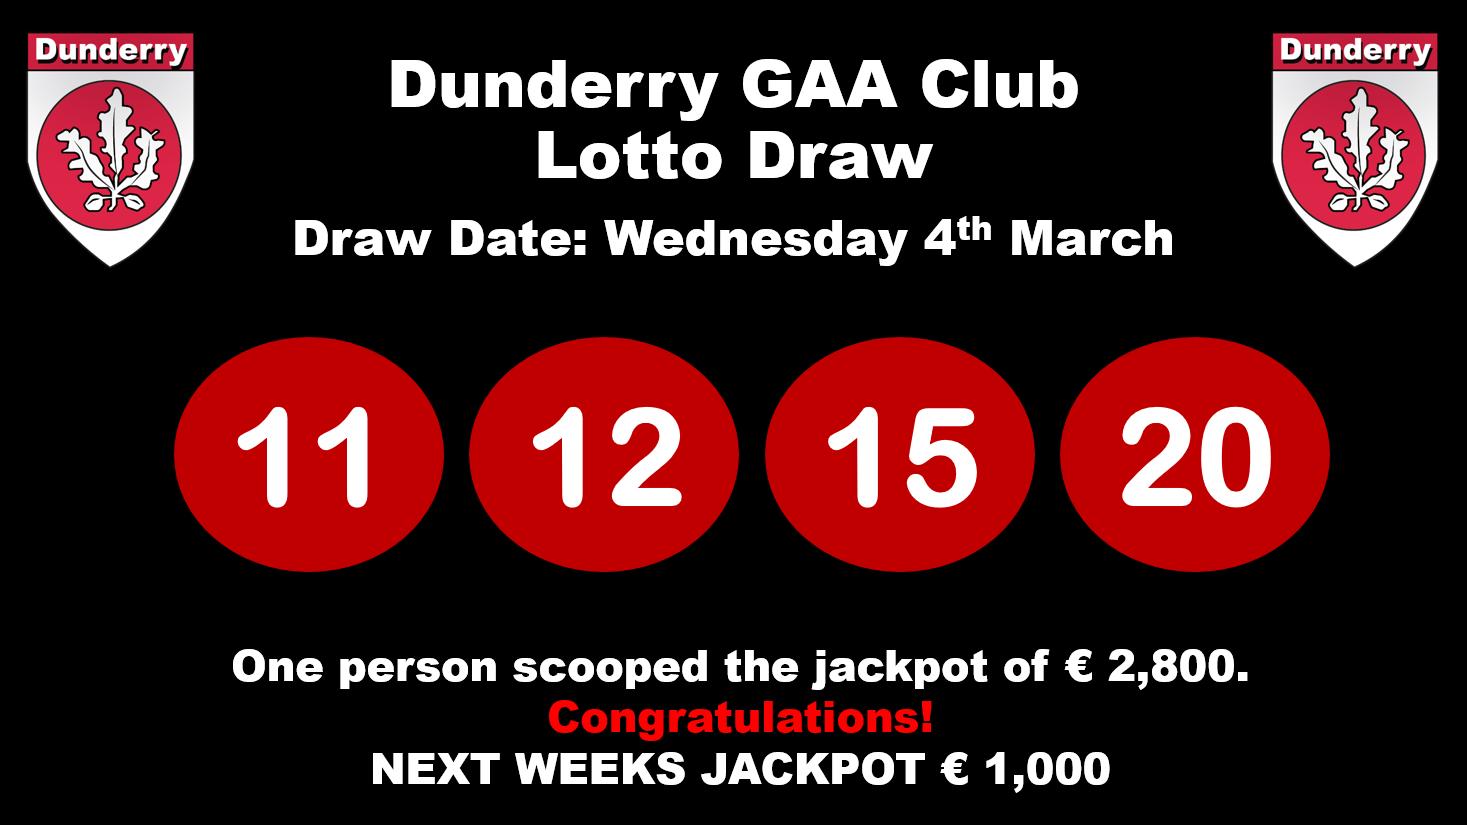 Lotto 20march 204